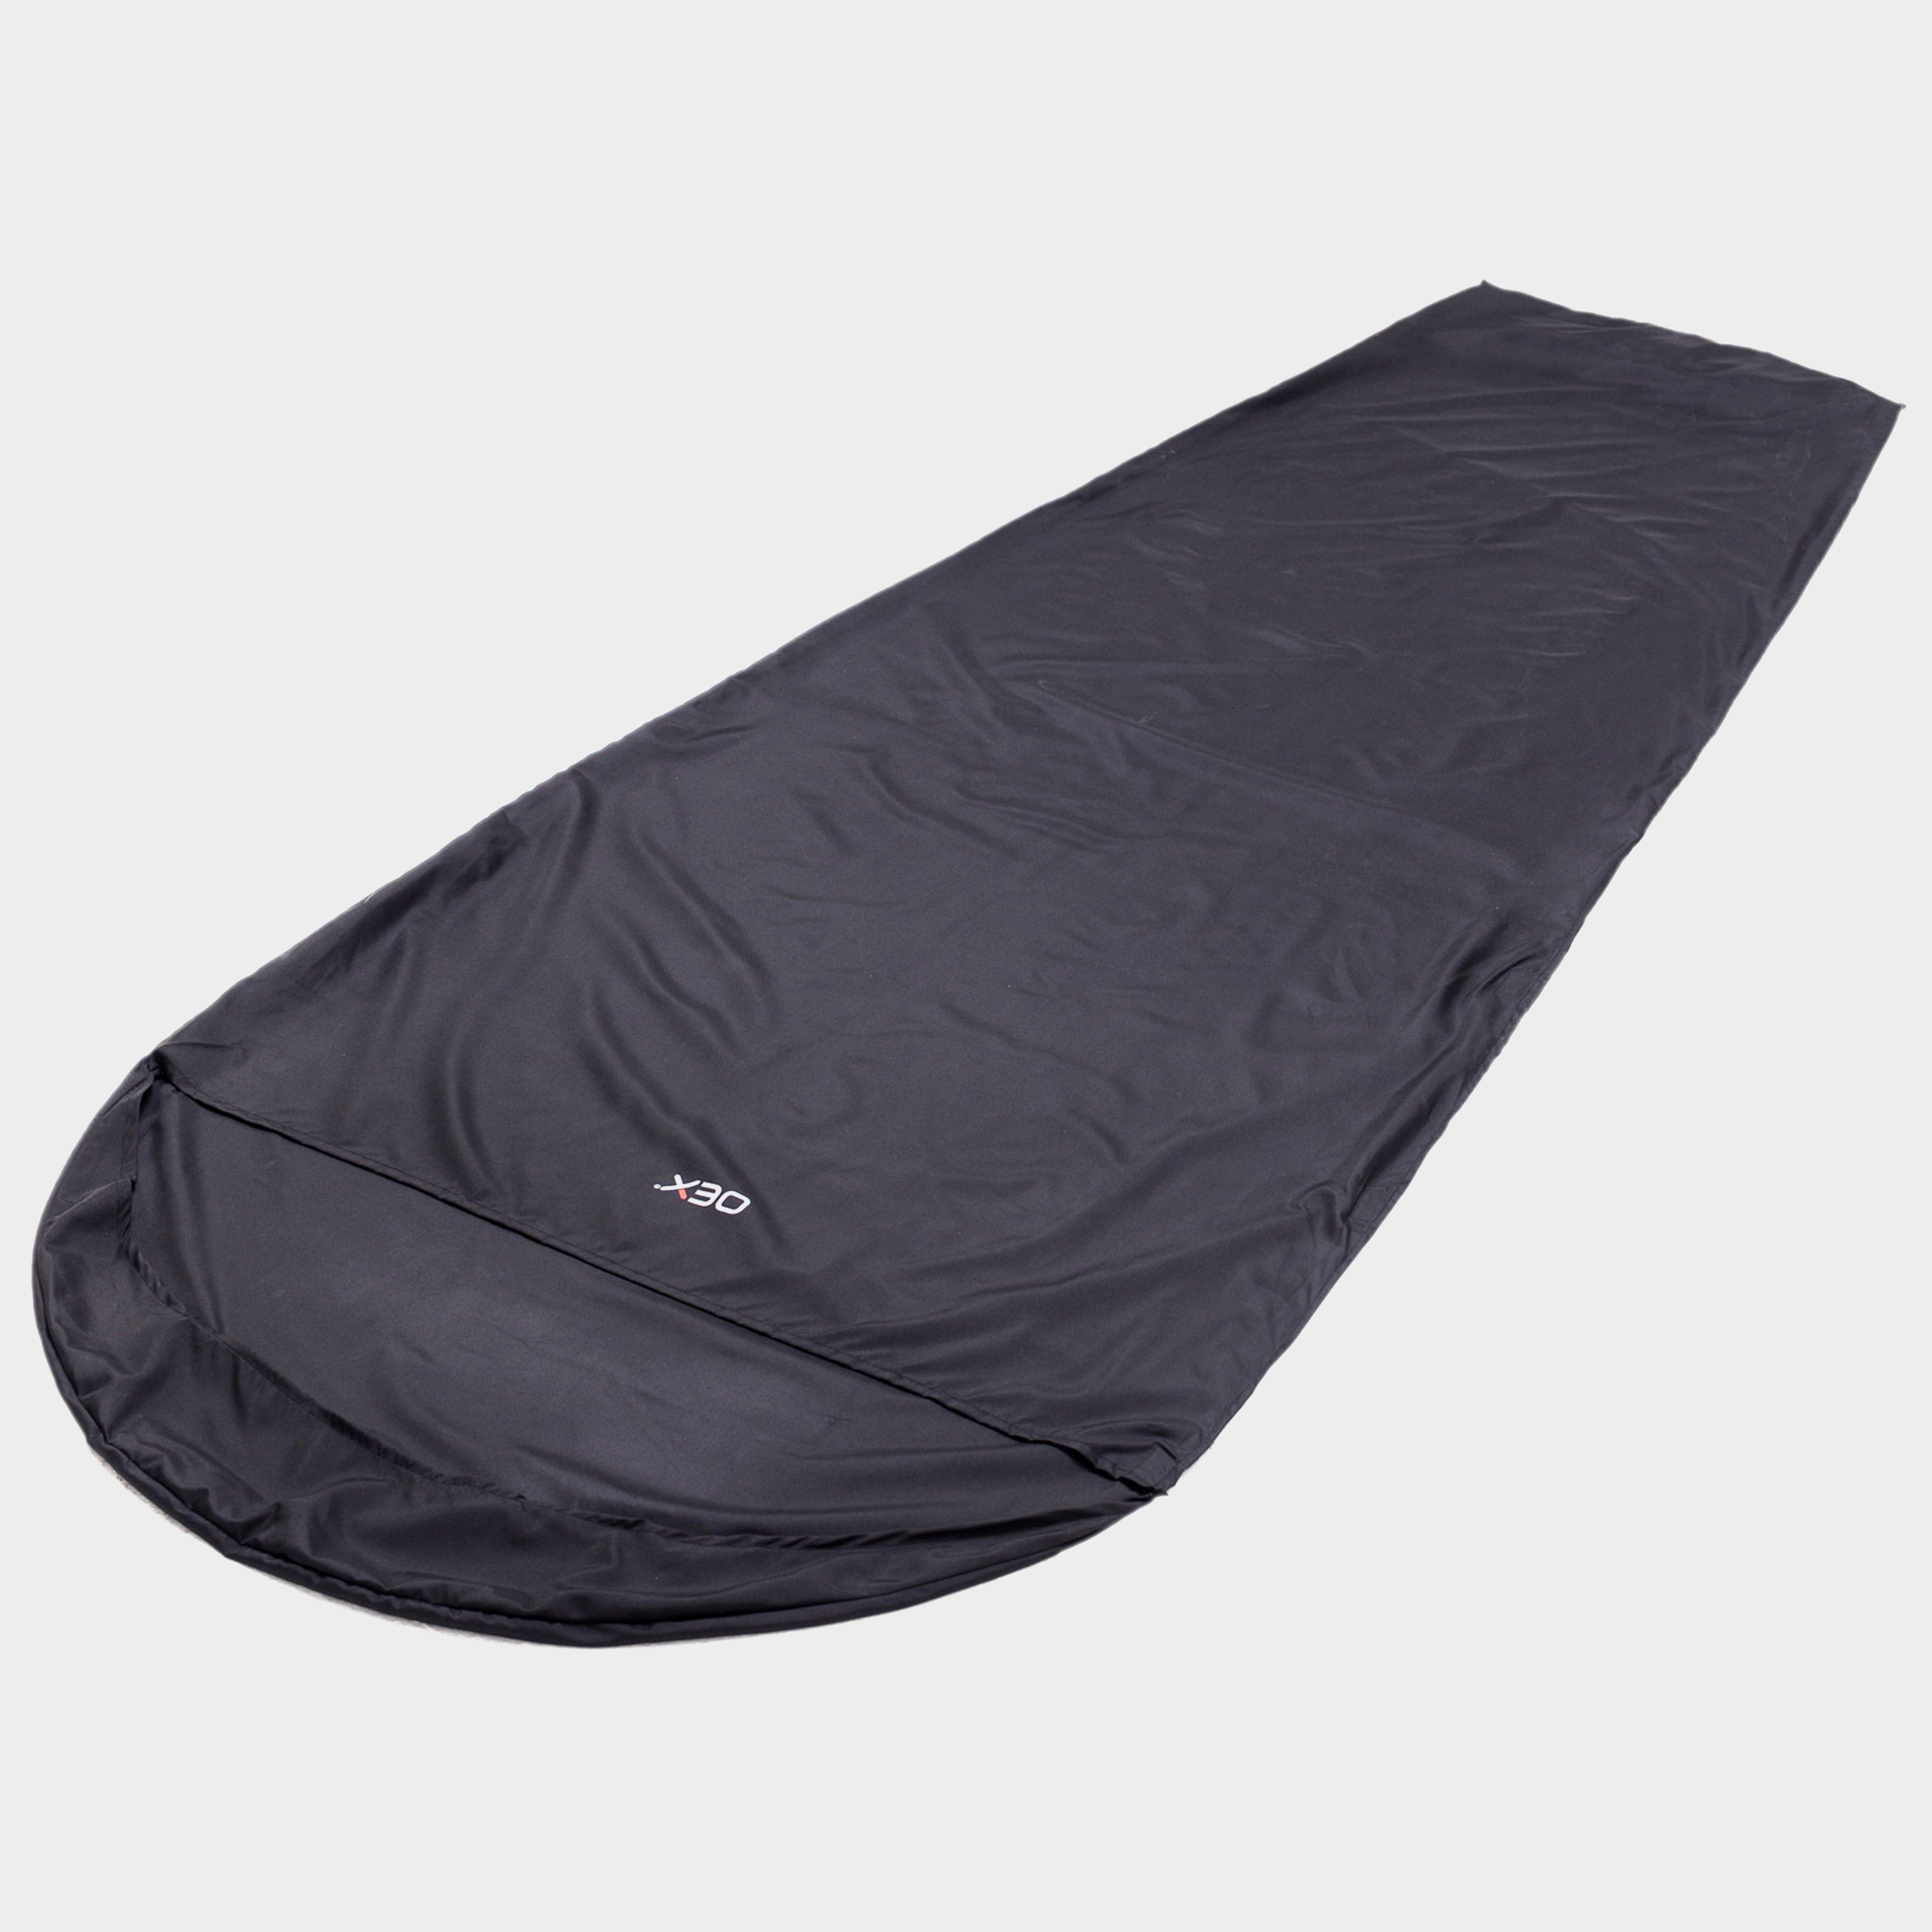 Oex Oex Sleeping Bag Liner - Black, Black